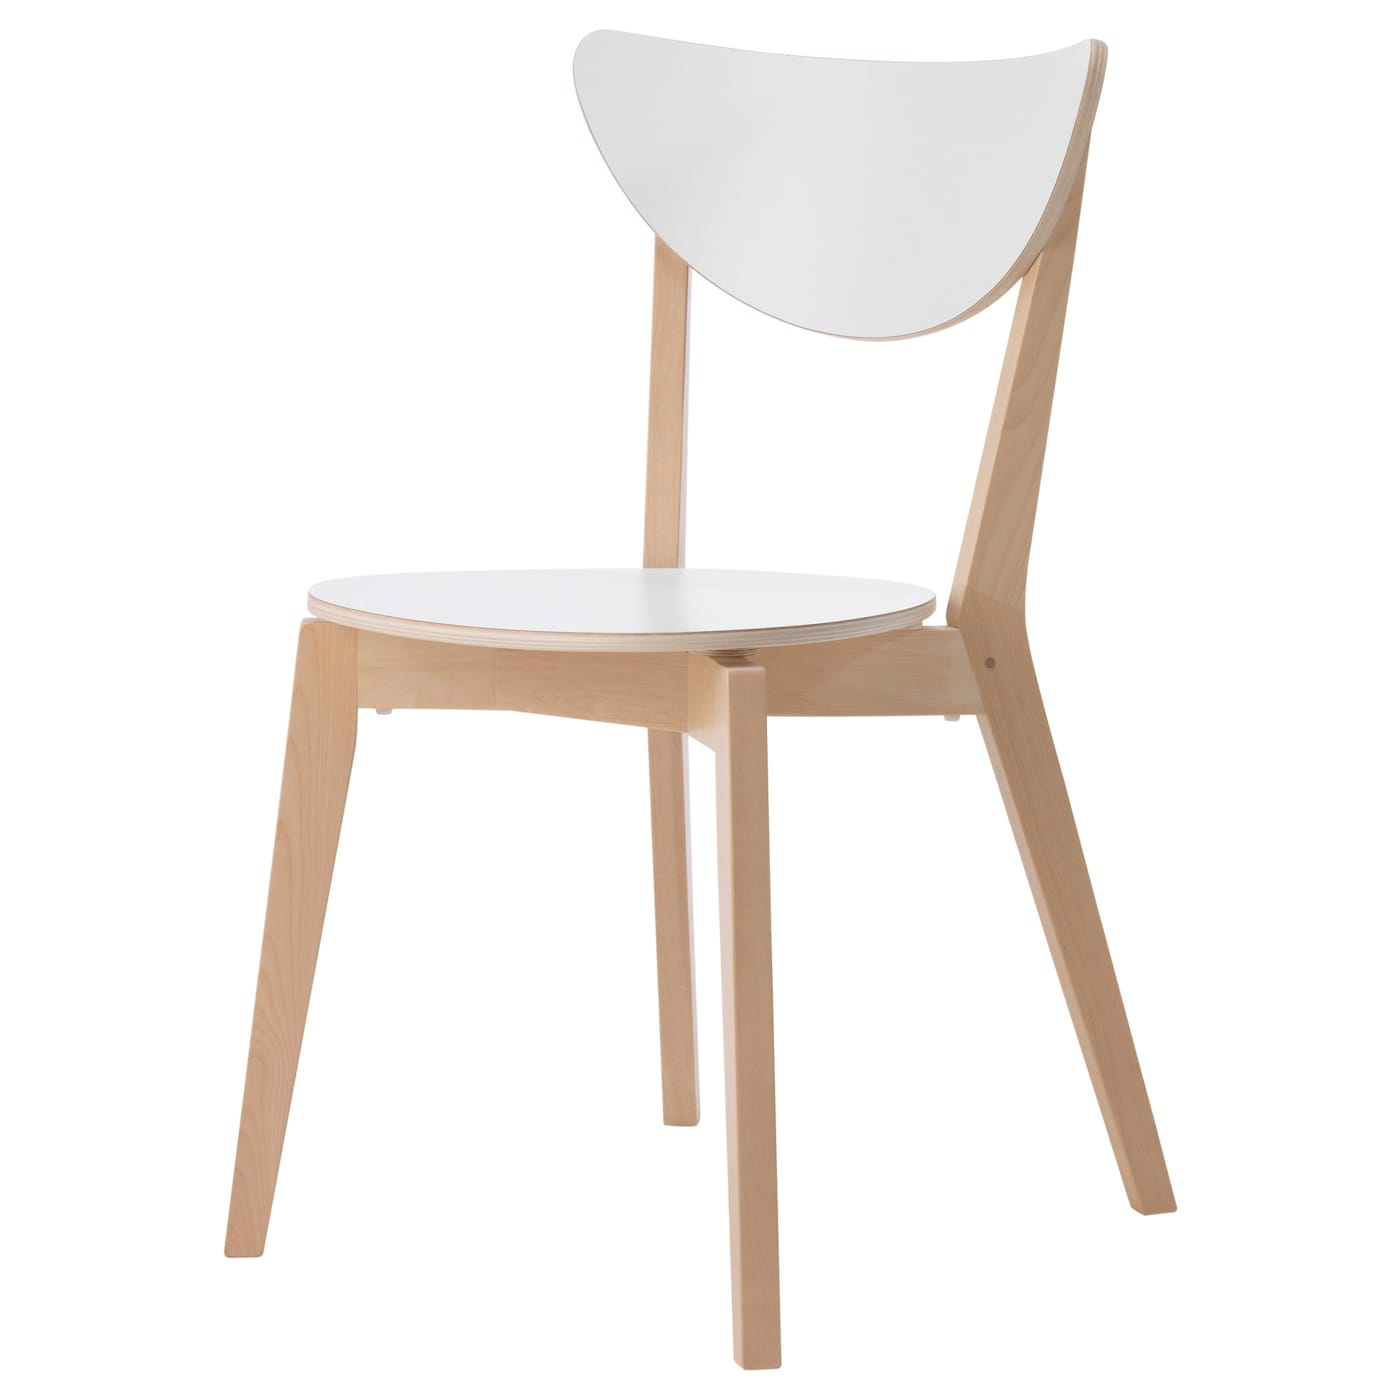 Nordmyra Chaise - Blanc, Bouleau encequiconcerne Mobilier De Jardin Ikea